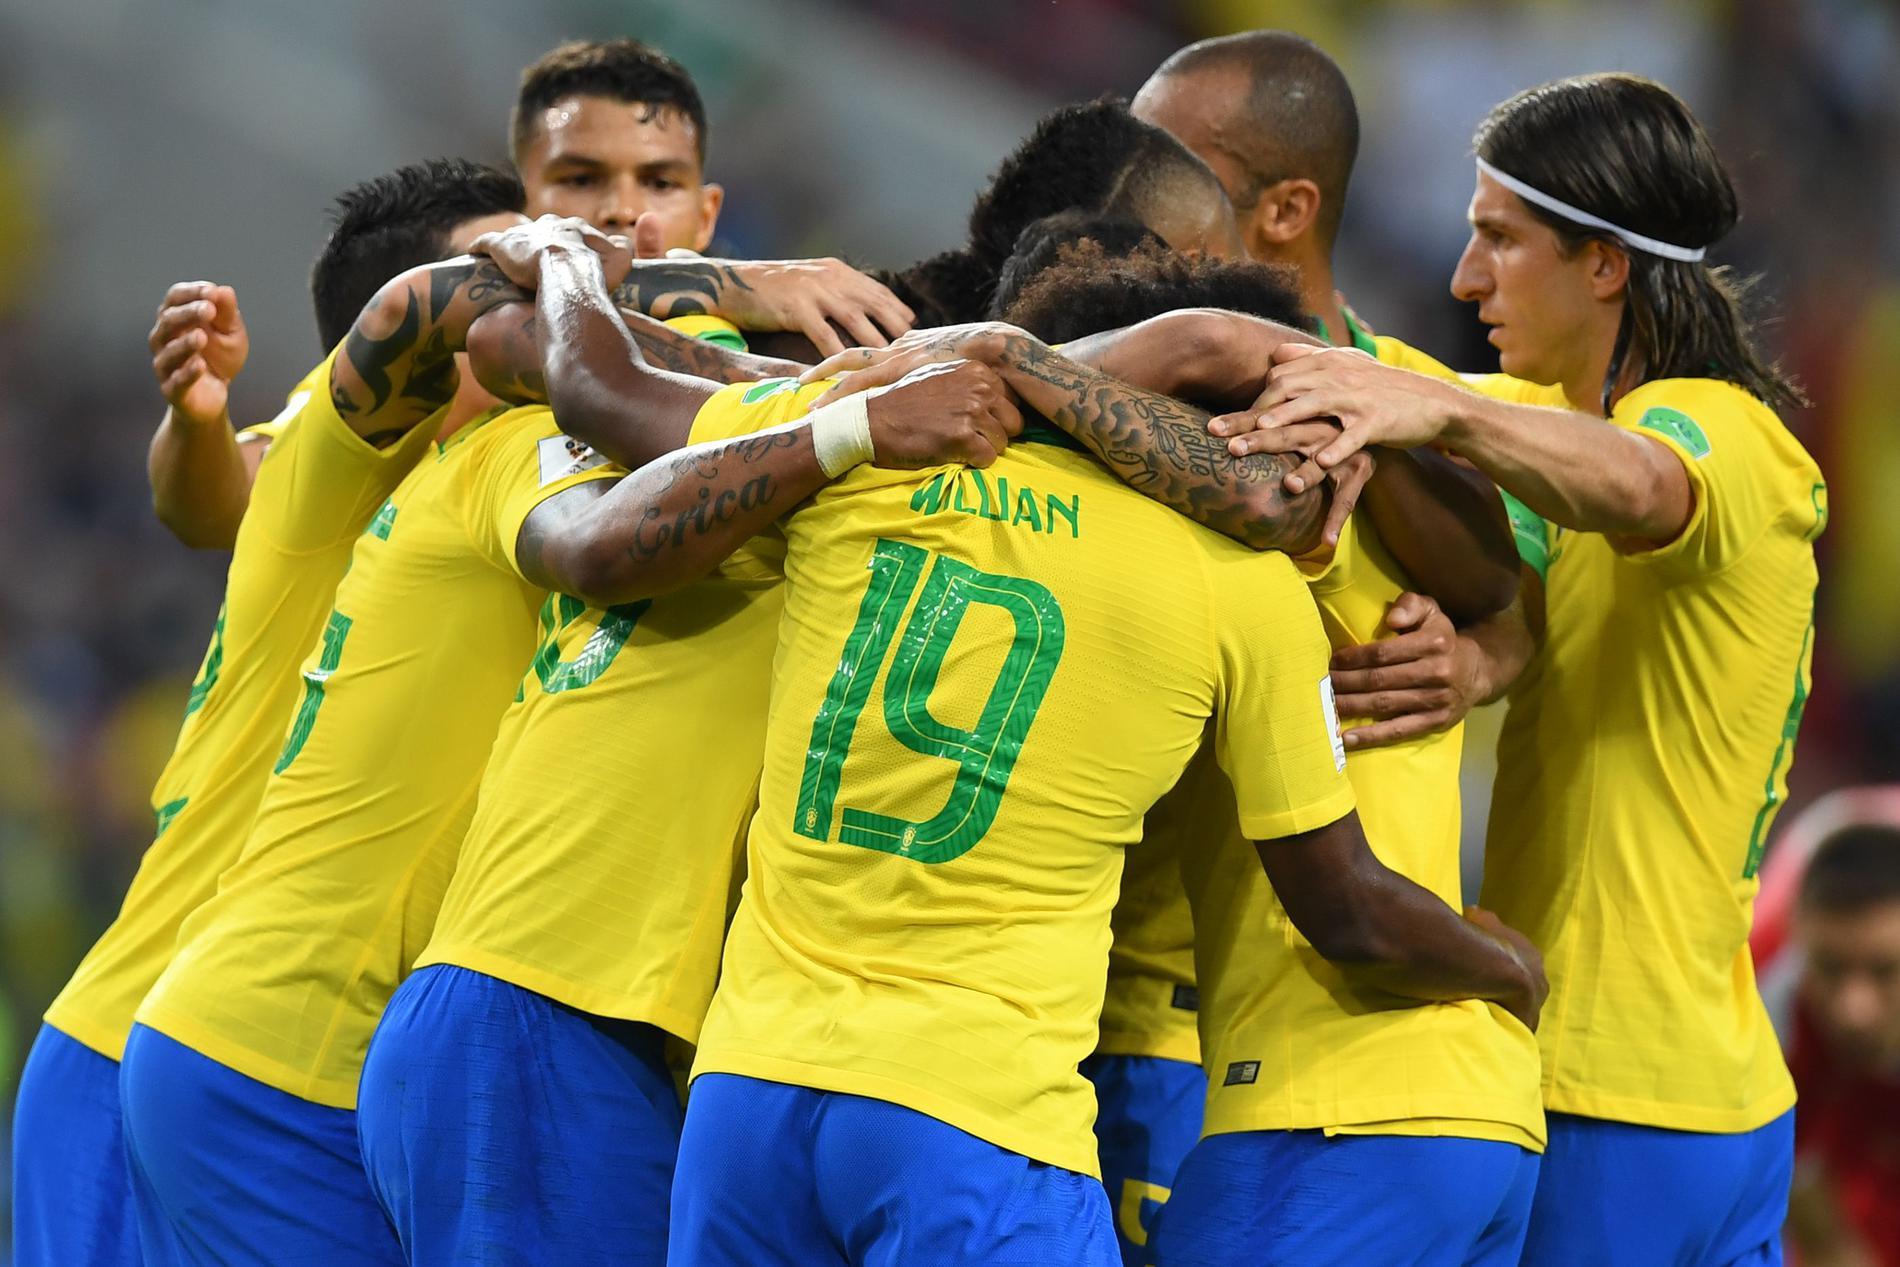 O Brasil está nas oitavas de final da Copa do Mundo da Rússia. Garantiu o  primeiro lugar no Grupo E 7cb280eda211b